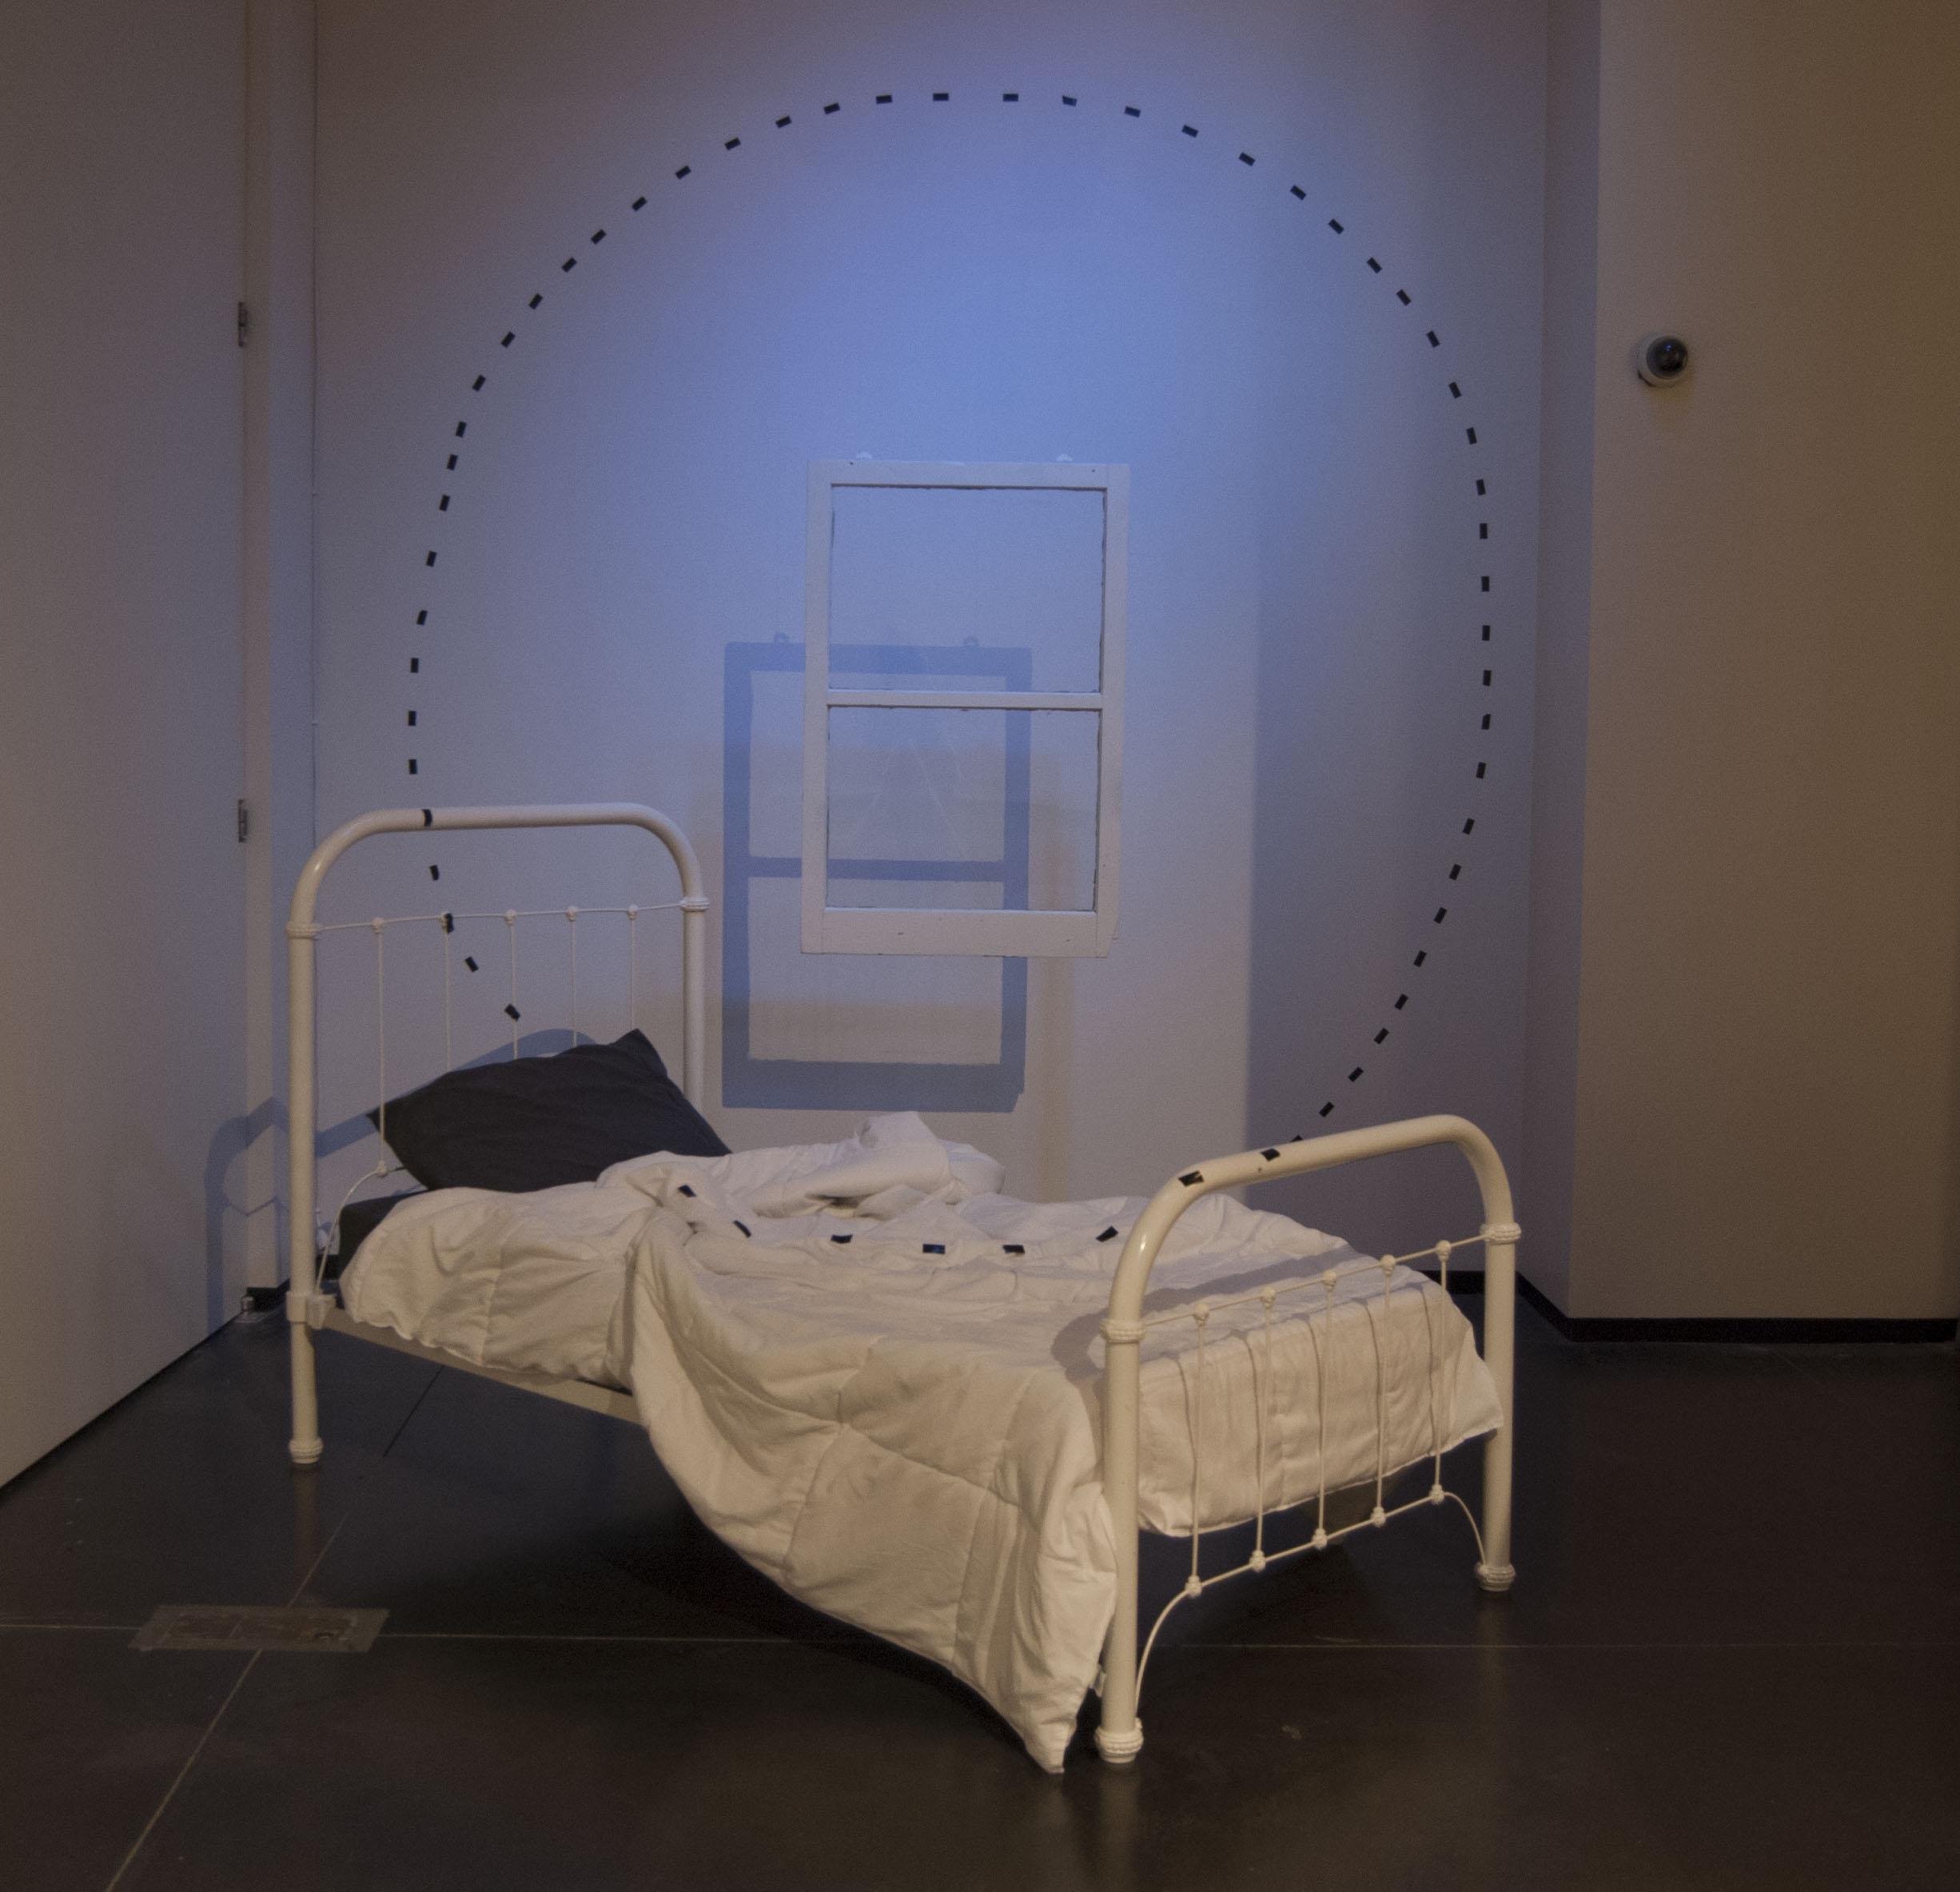 Daybreak   Emily Gadzinski and Maddie Miller Bed, Window, Tape, Blue Light, 2015